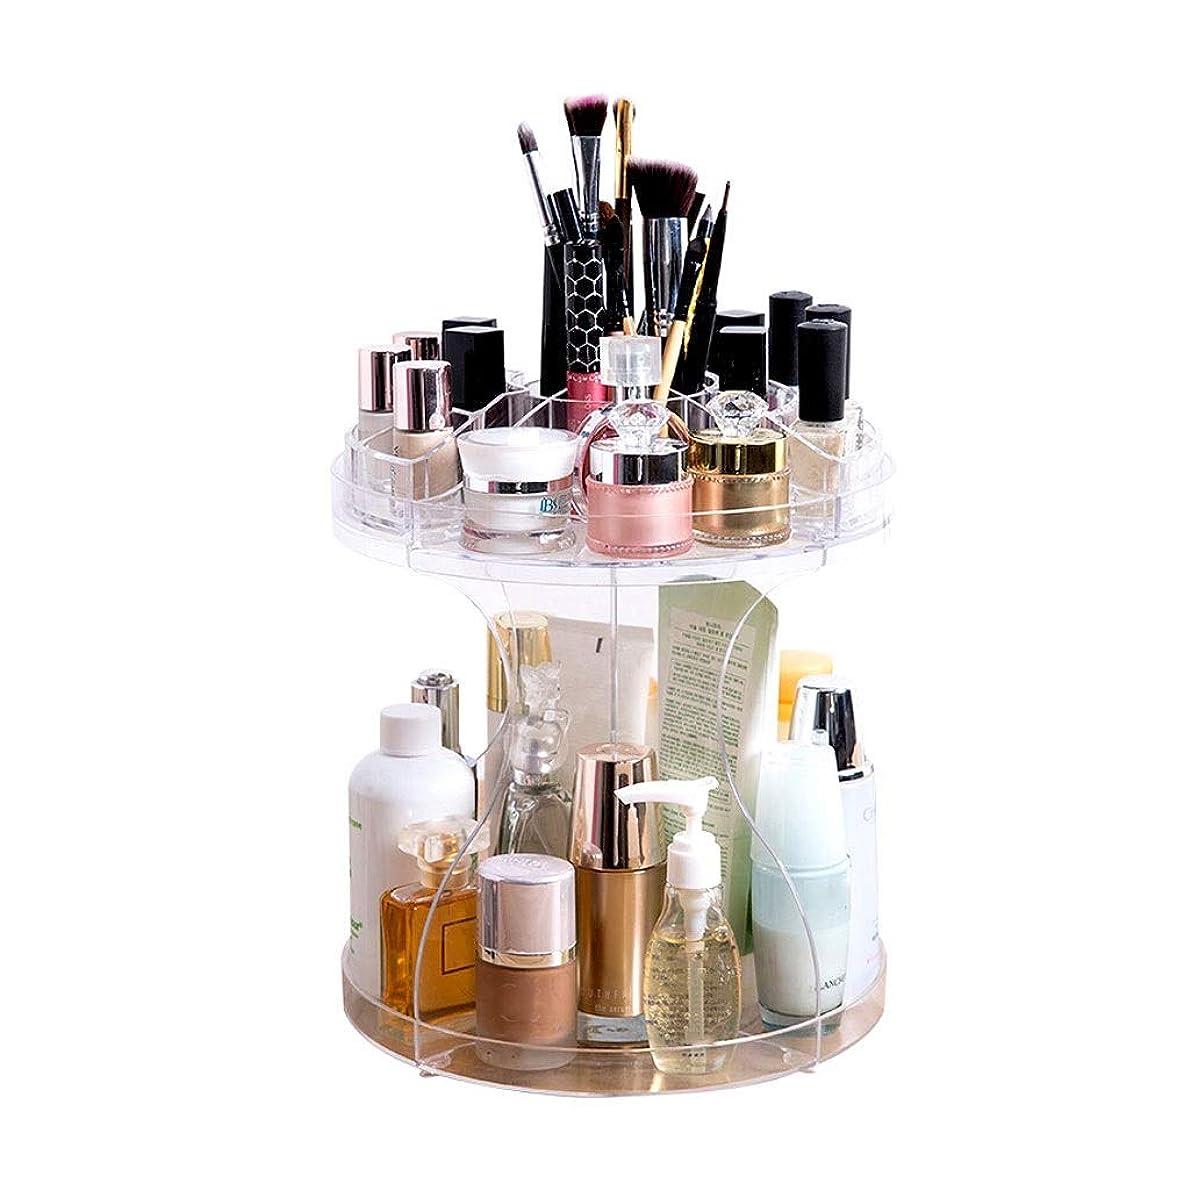 蓄積するテロ騒LDG 化粧品収納ボックス、360度回転 可調節 化粧品入れ さまざまな種類の化粧品とアクセサリーに適合